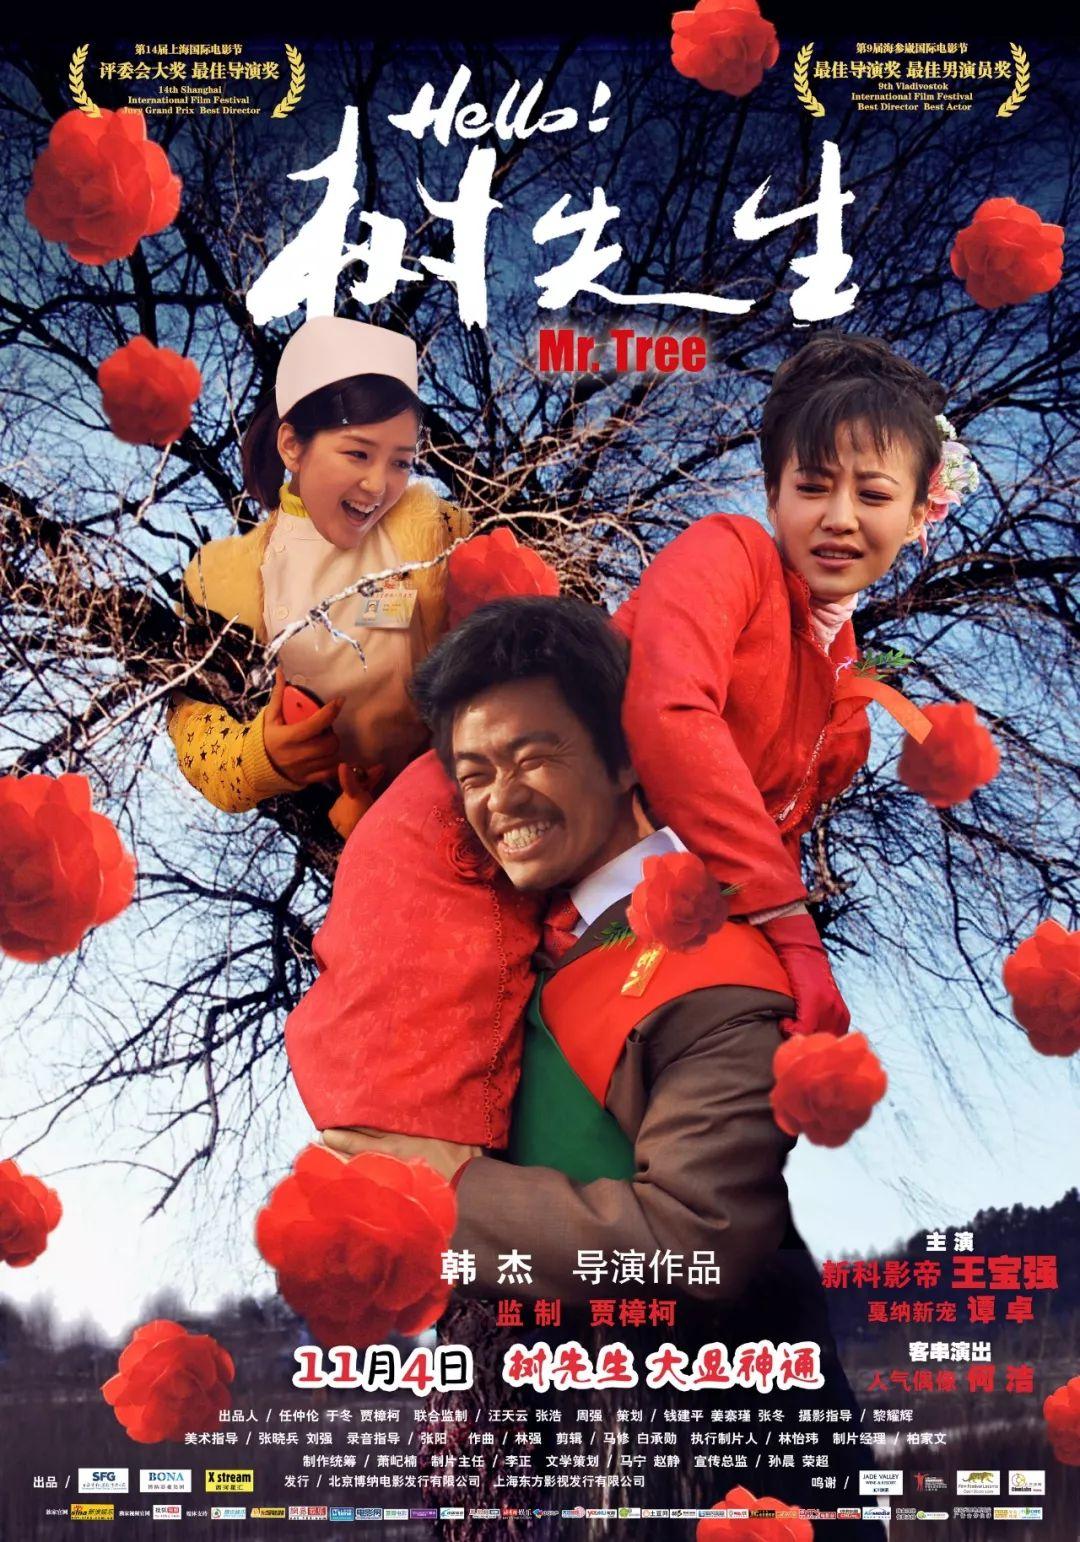 魔幻现实主义的中国式探索:王宝强的《HELLO!树先生》